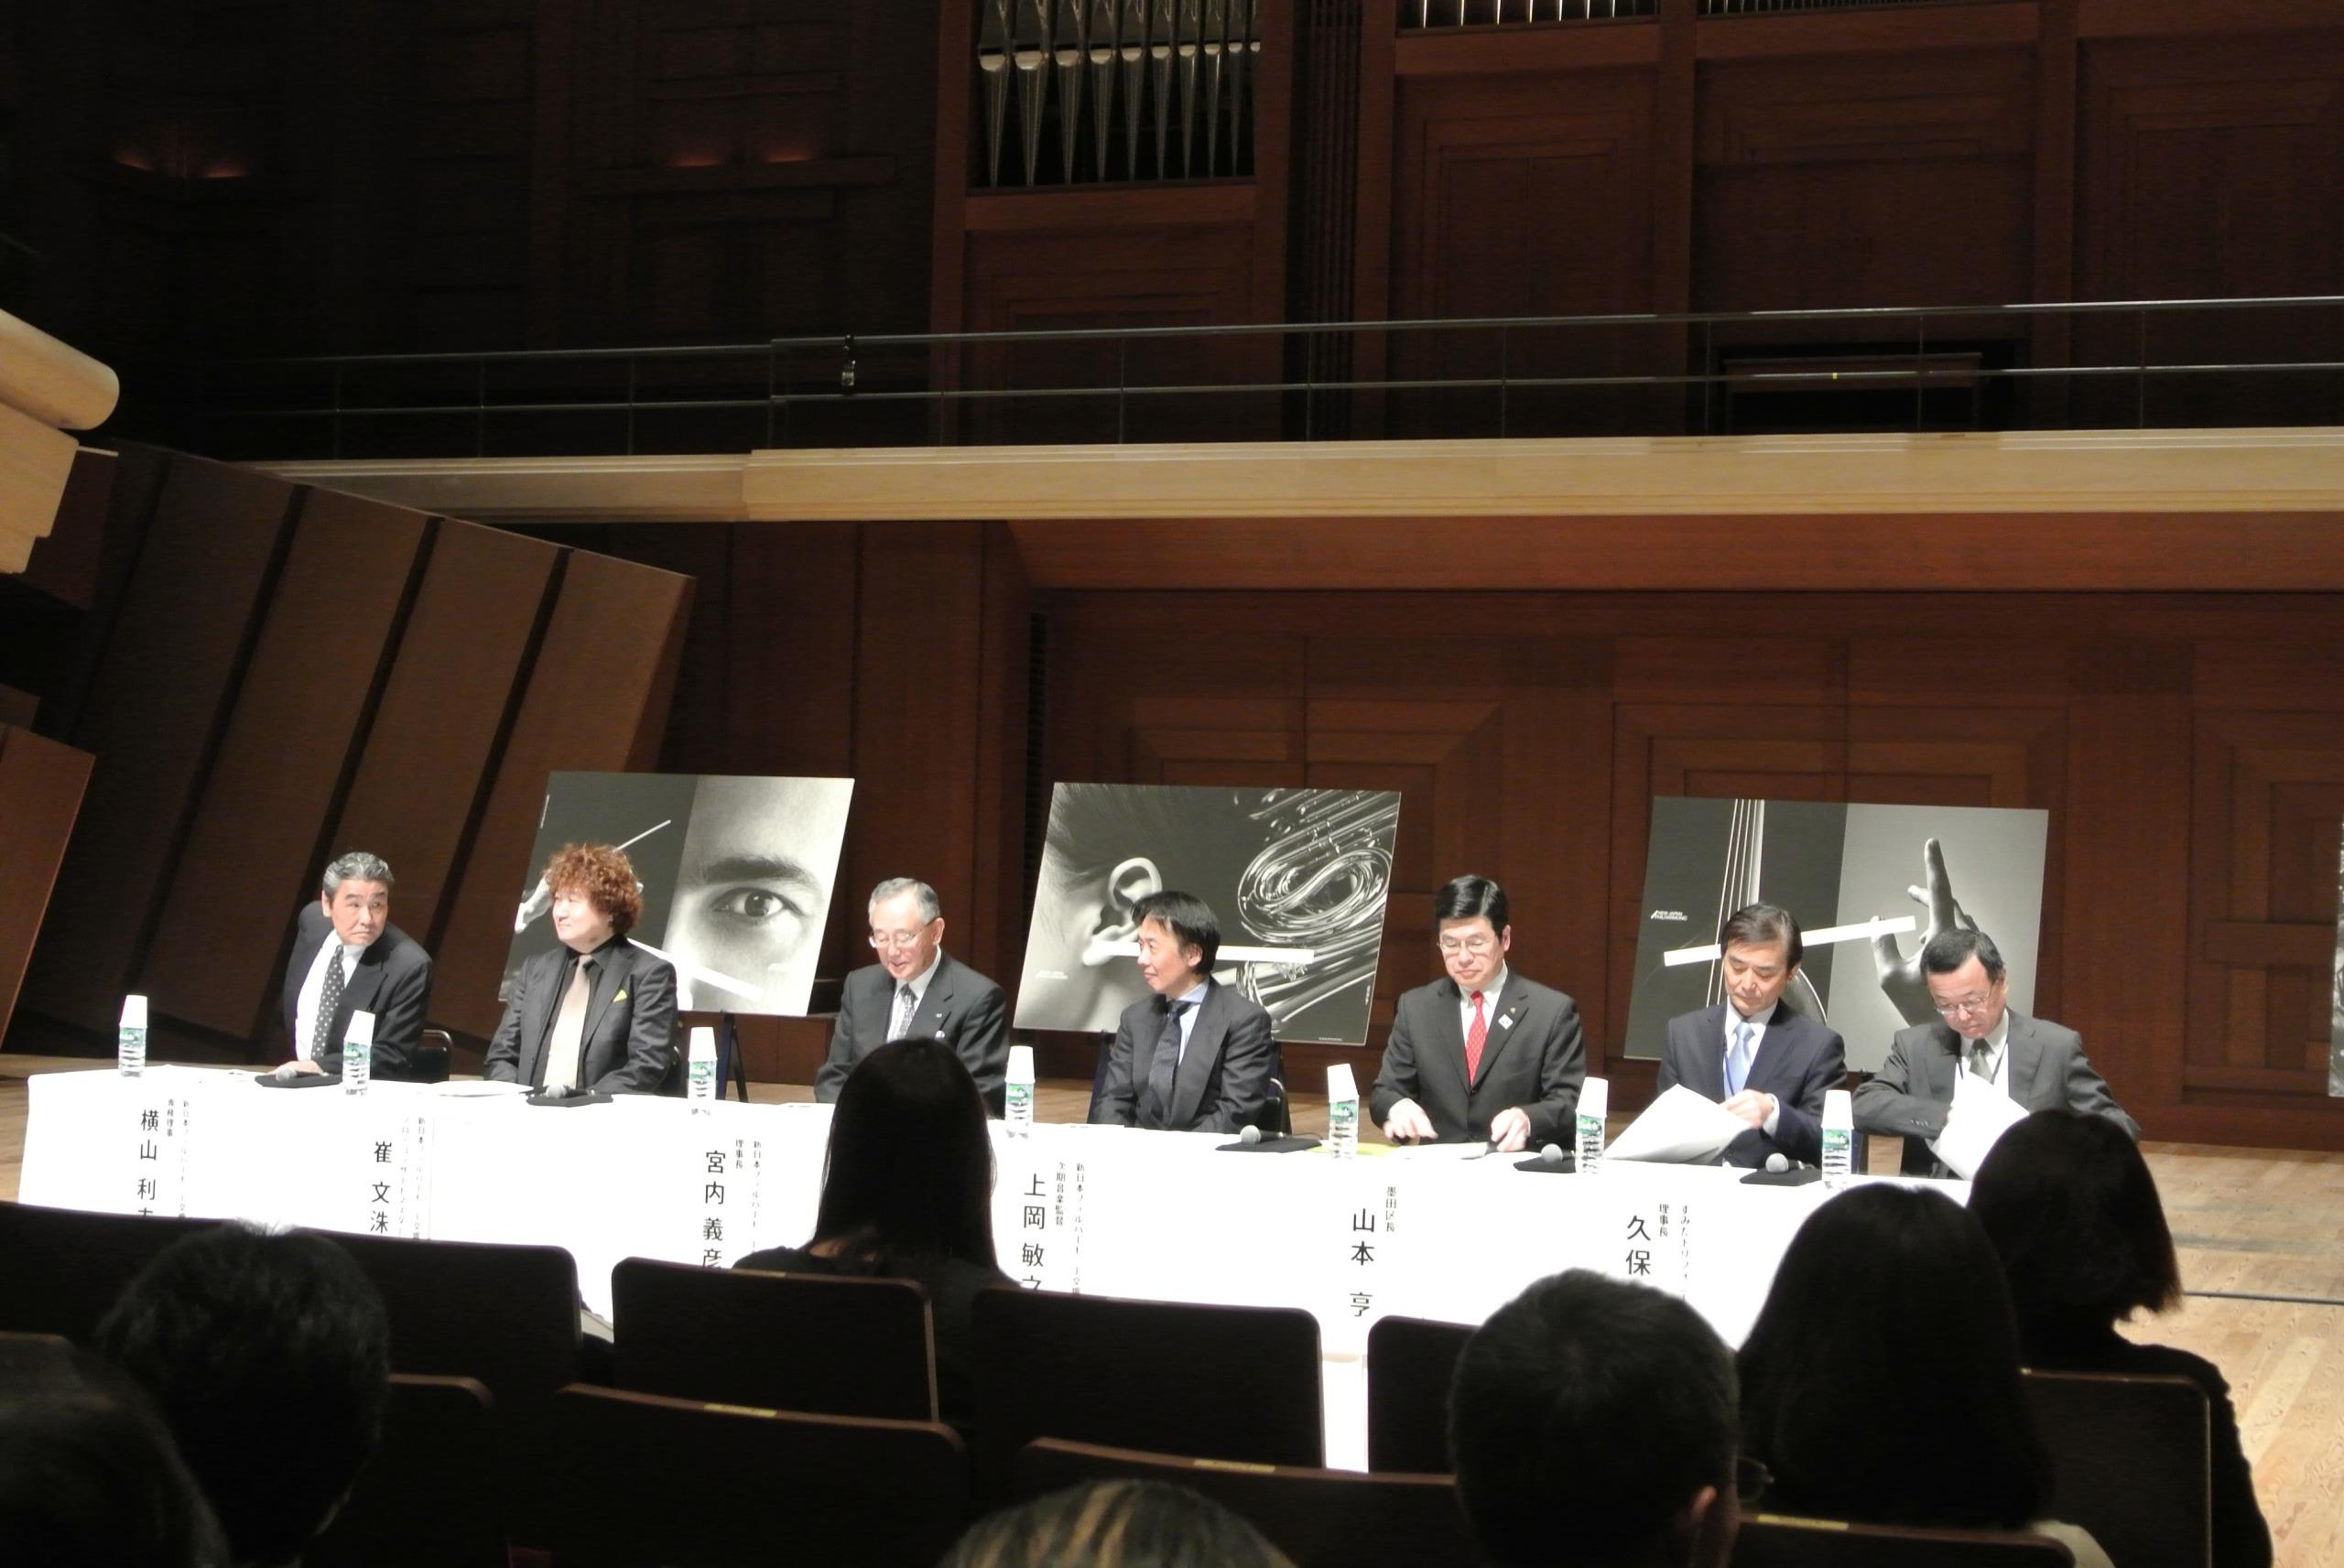 宮内義彦理事長、山本亨墨田区長、すみだトリフォニーホール、そして新日本フィルの各位が登壇した